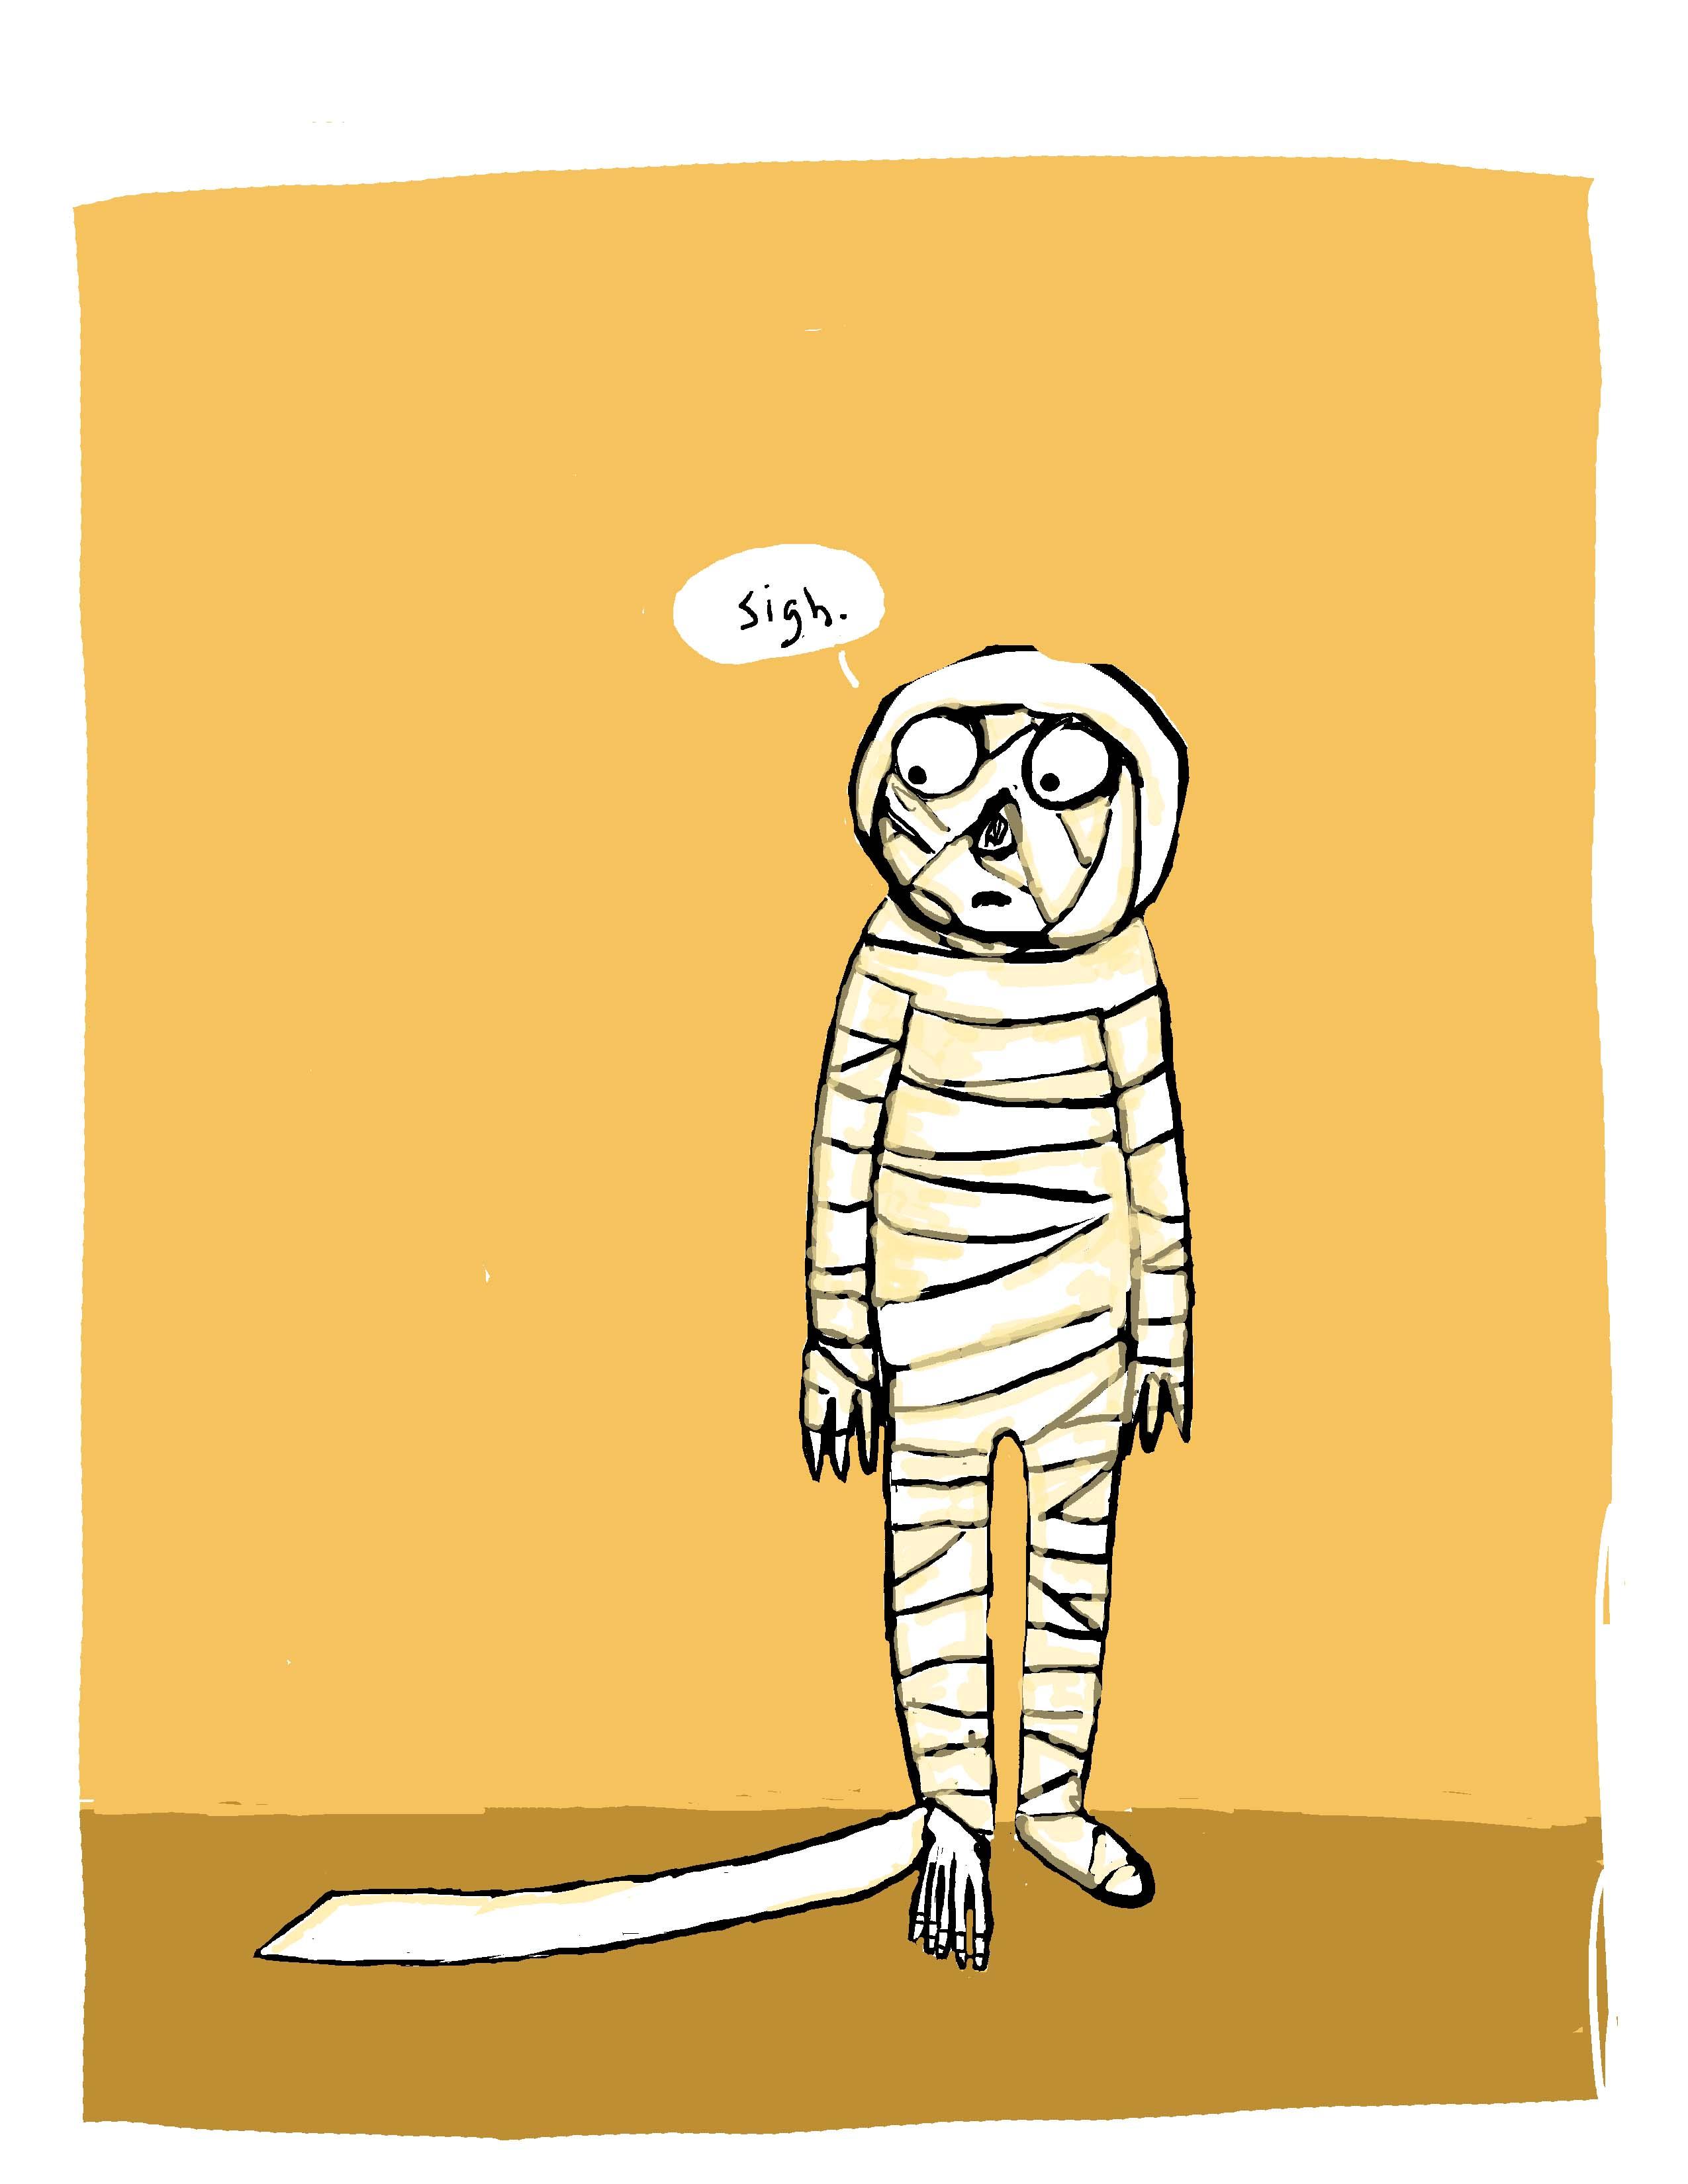 mummypoop